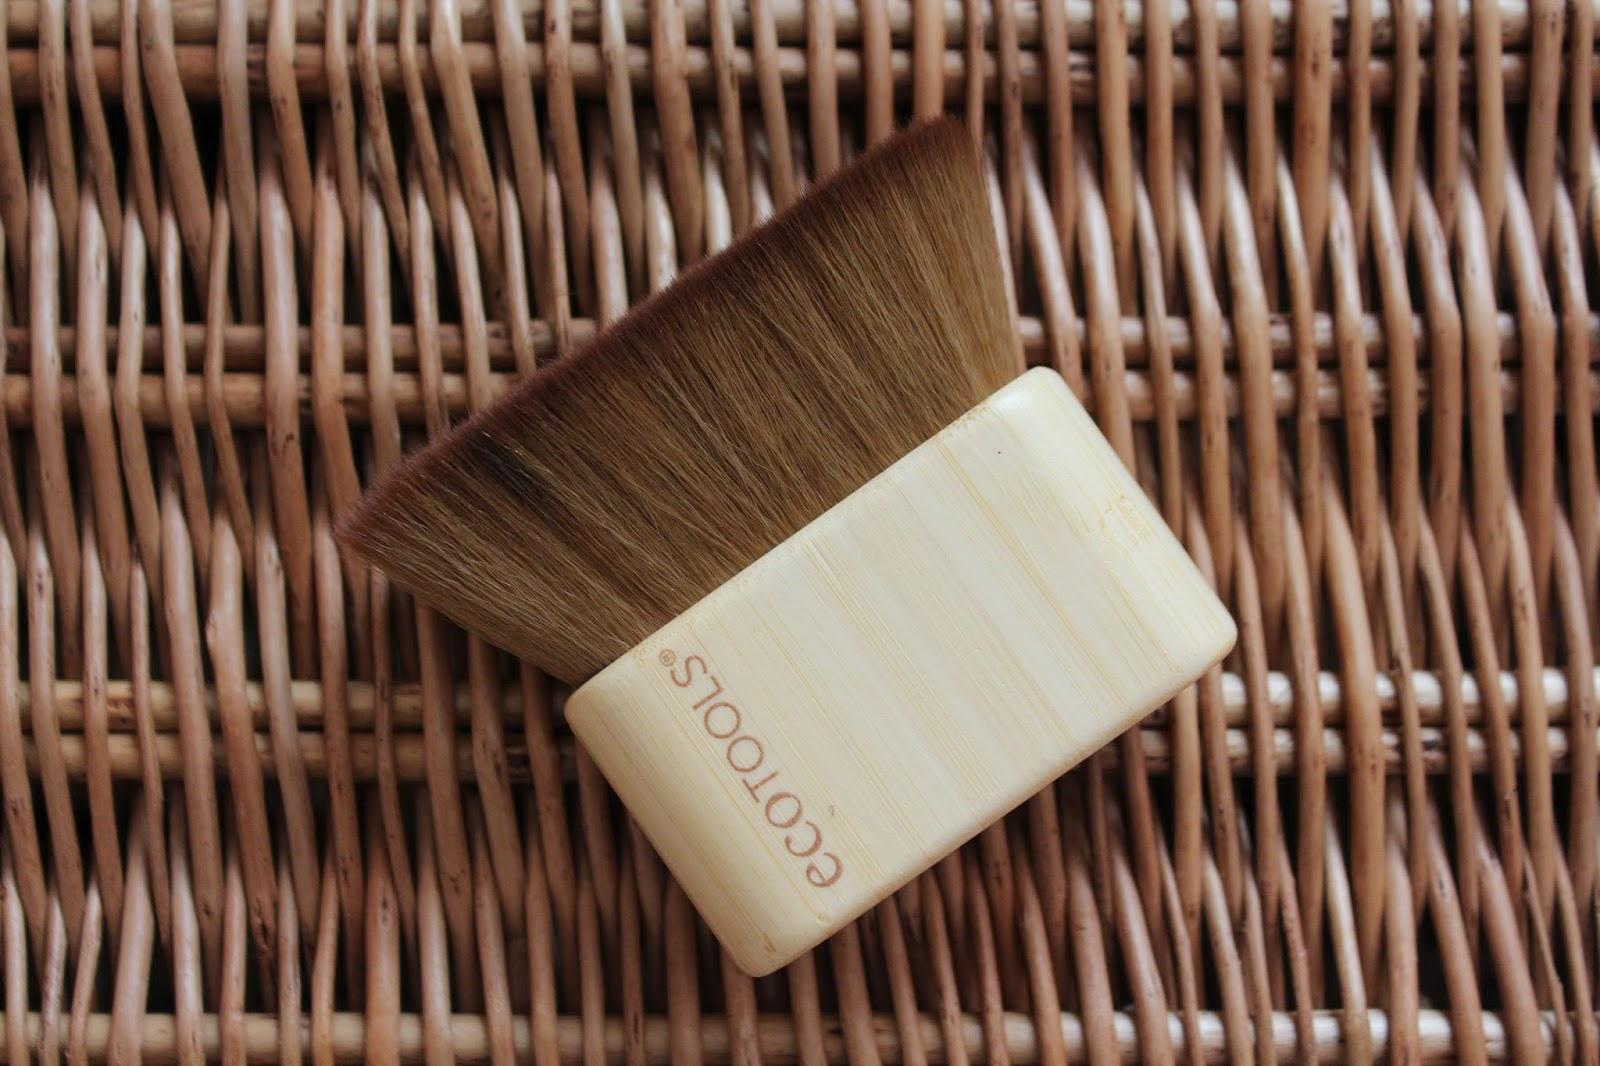 ecotools bronzing brush